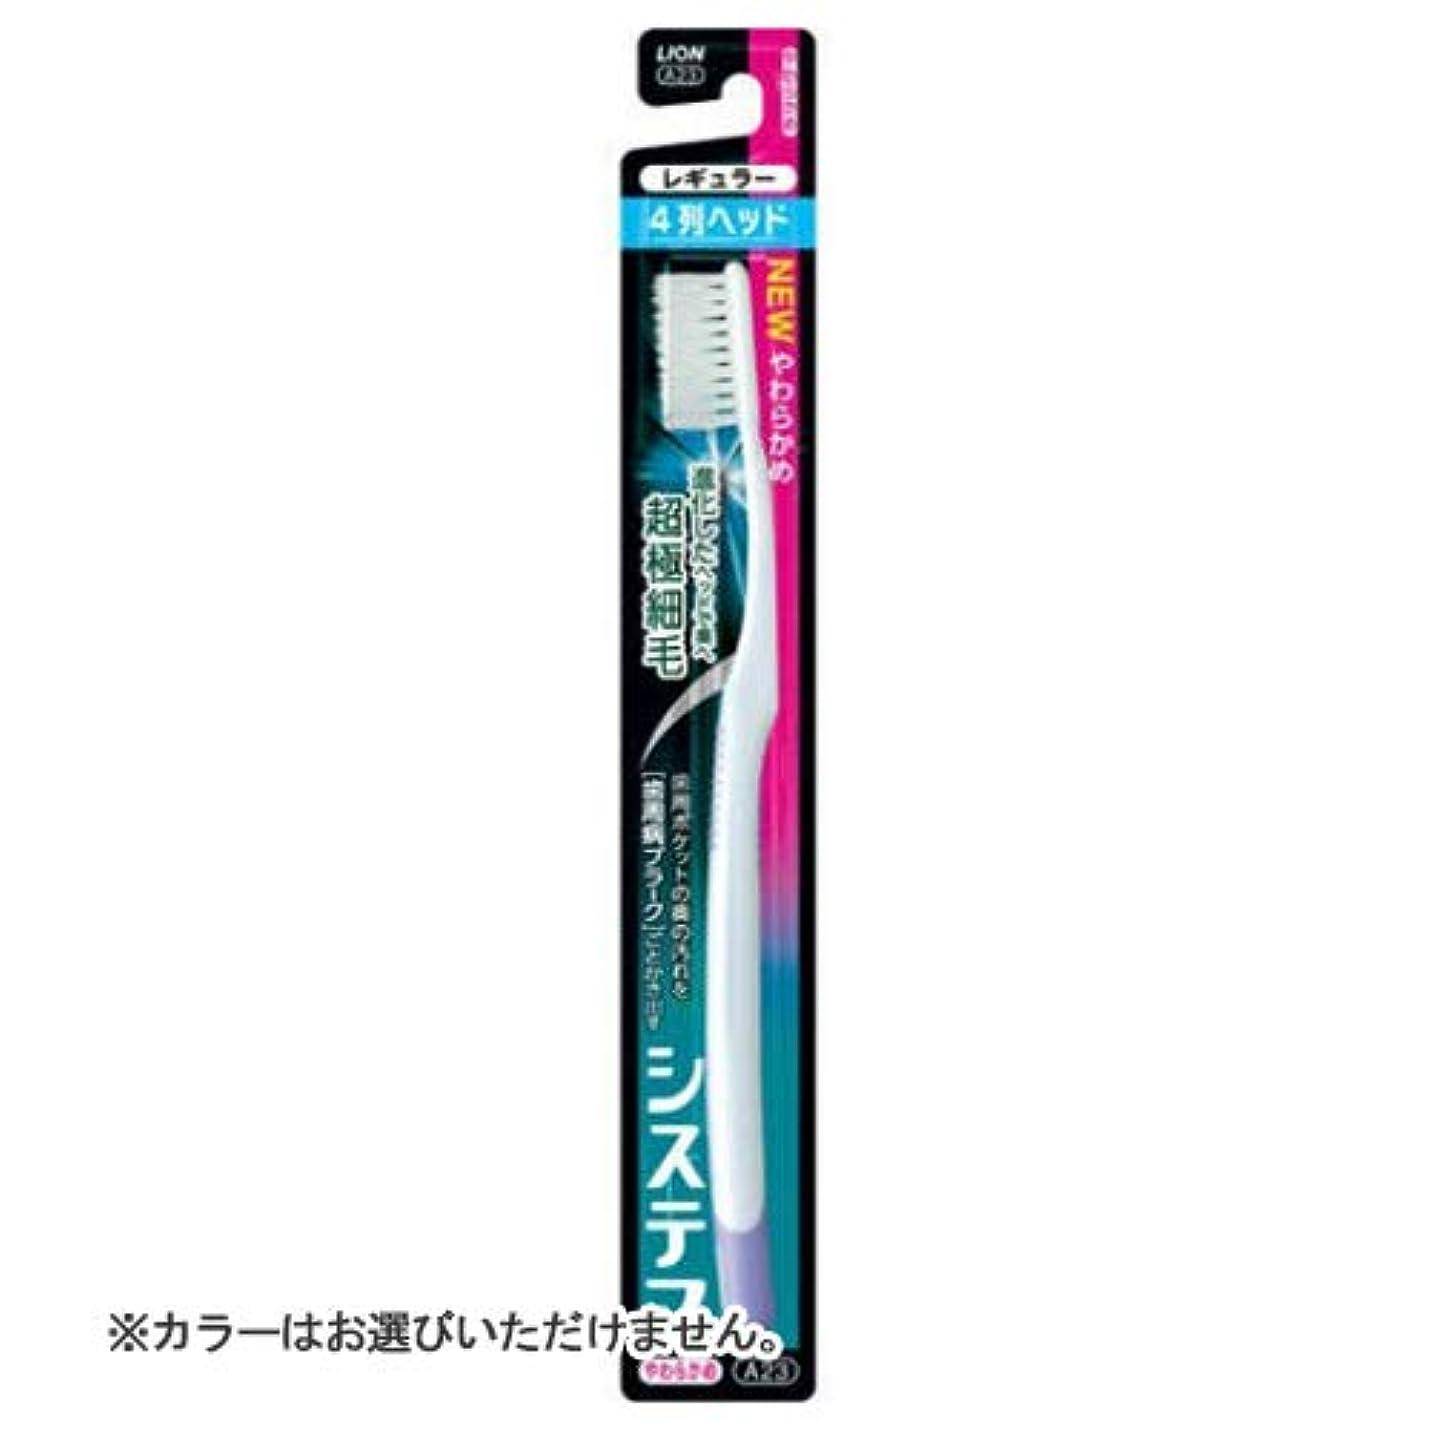 効率的に忠実な仮定ライオン システマ ハブラシ レギュラー4列 やわらかめ (1本) 大人用 歯ブラシ